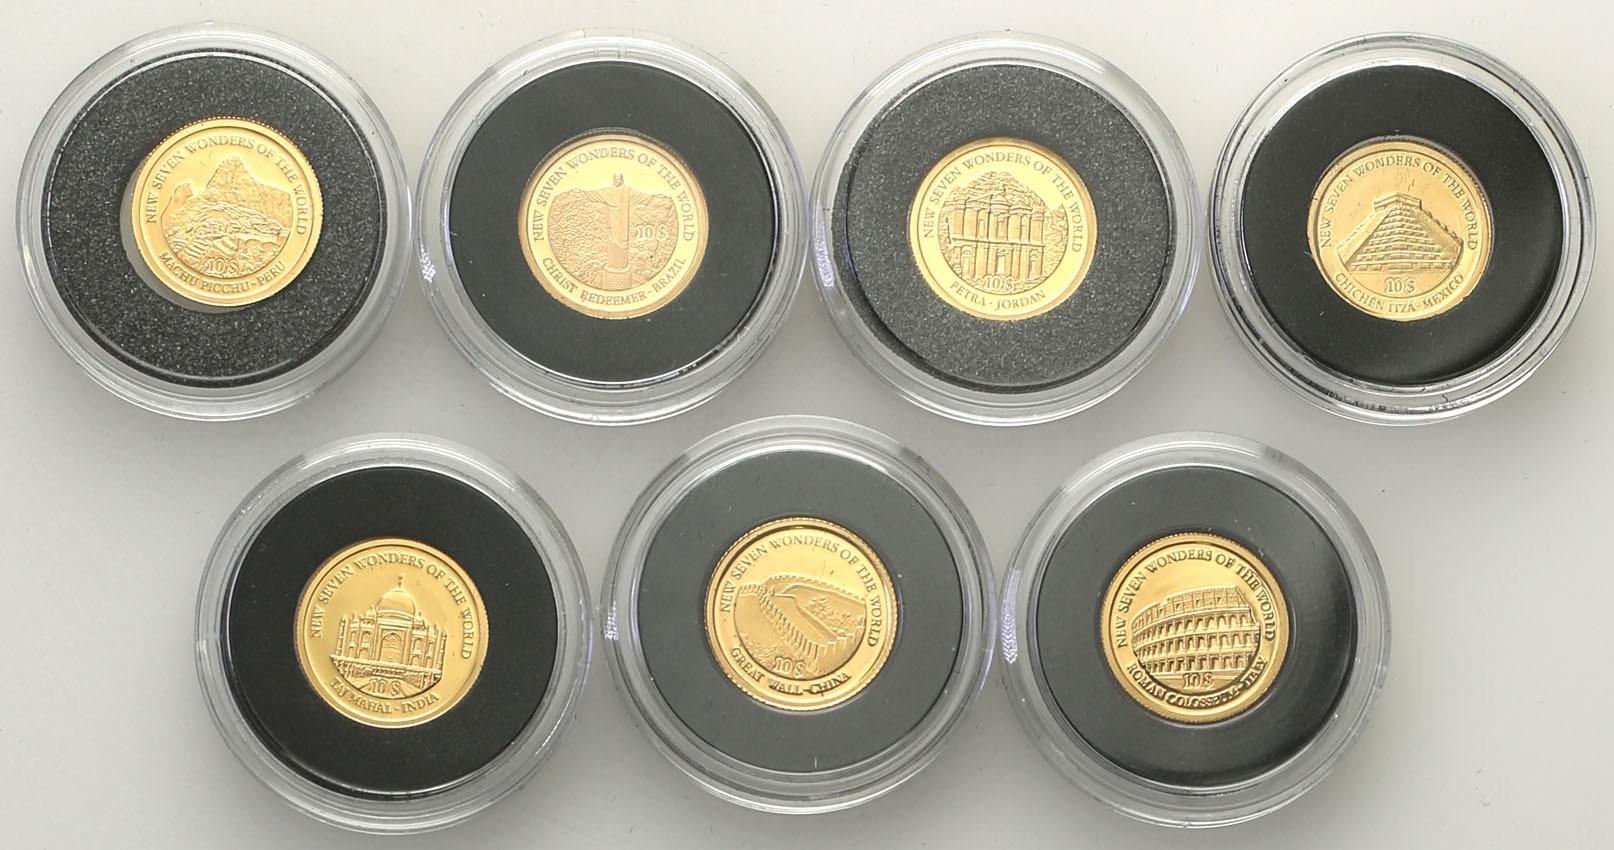 Świat najmniejsze monety złote 7 sztuk